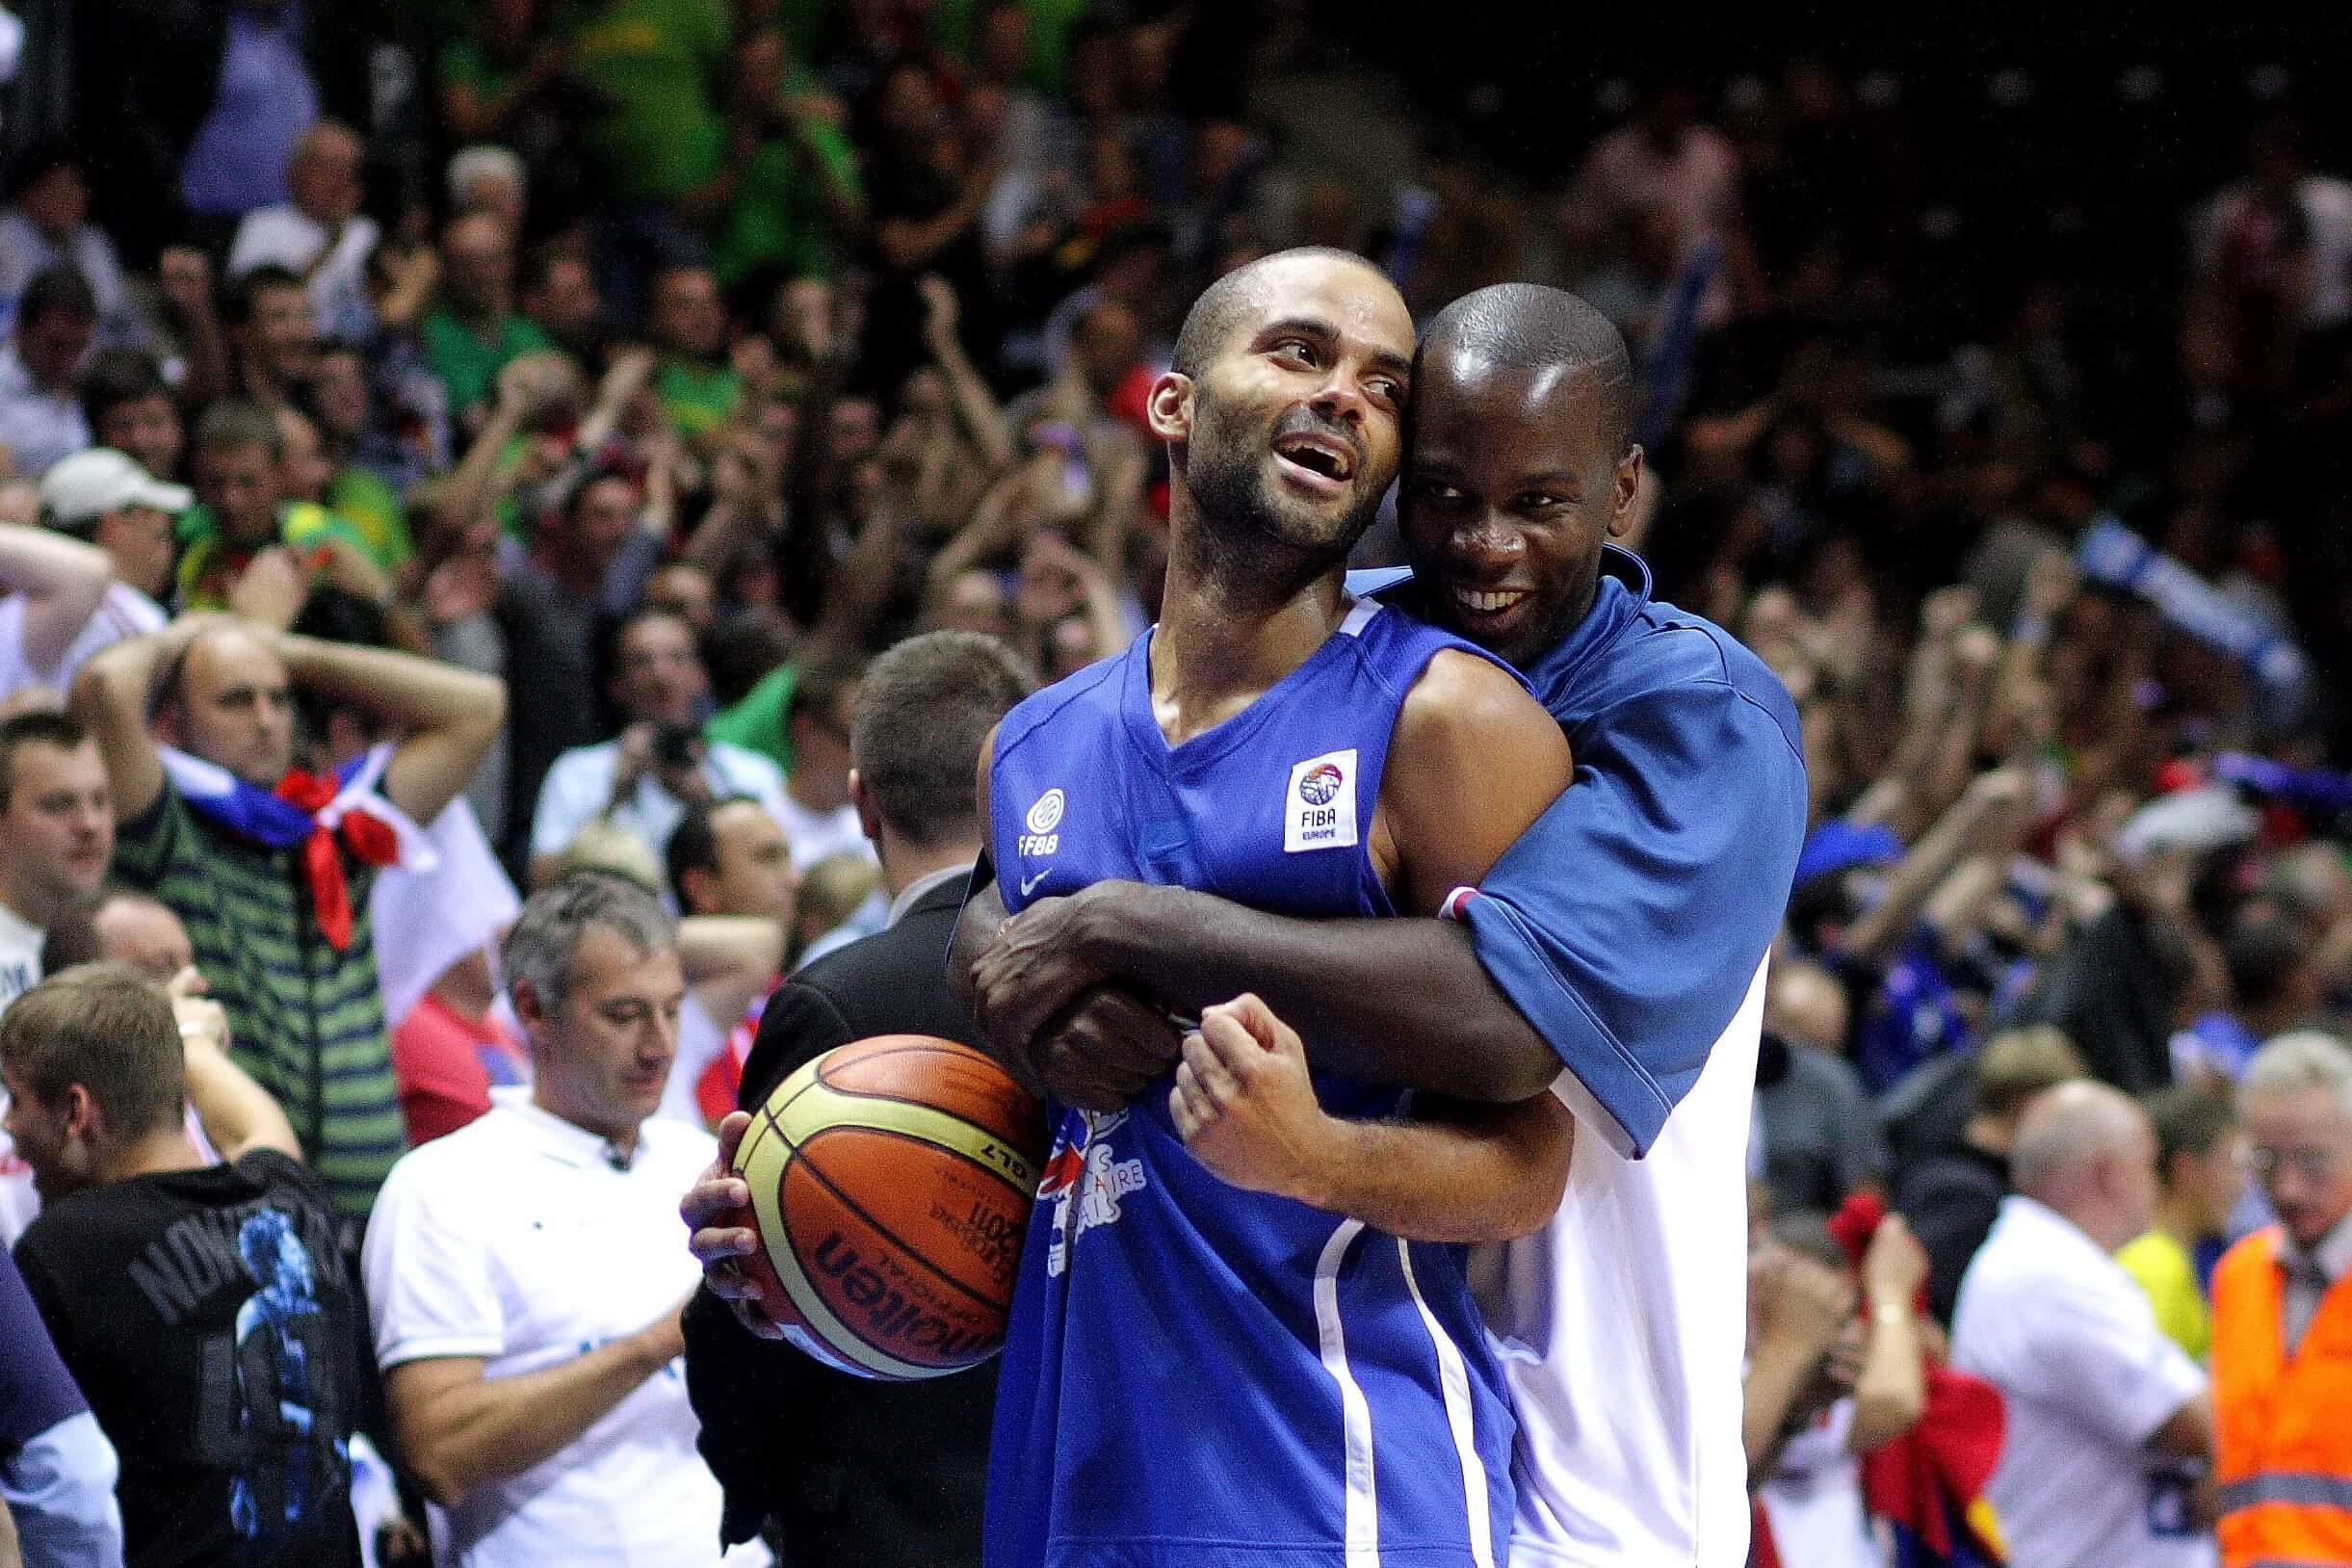 Prantsusmaa viimaste aegade suurim korvpallistaar Tony Parker tähistab võitu Serbia üle (05.09.2011)